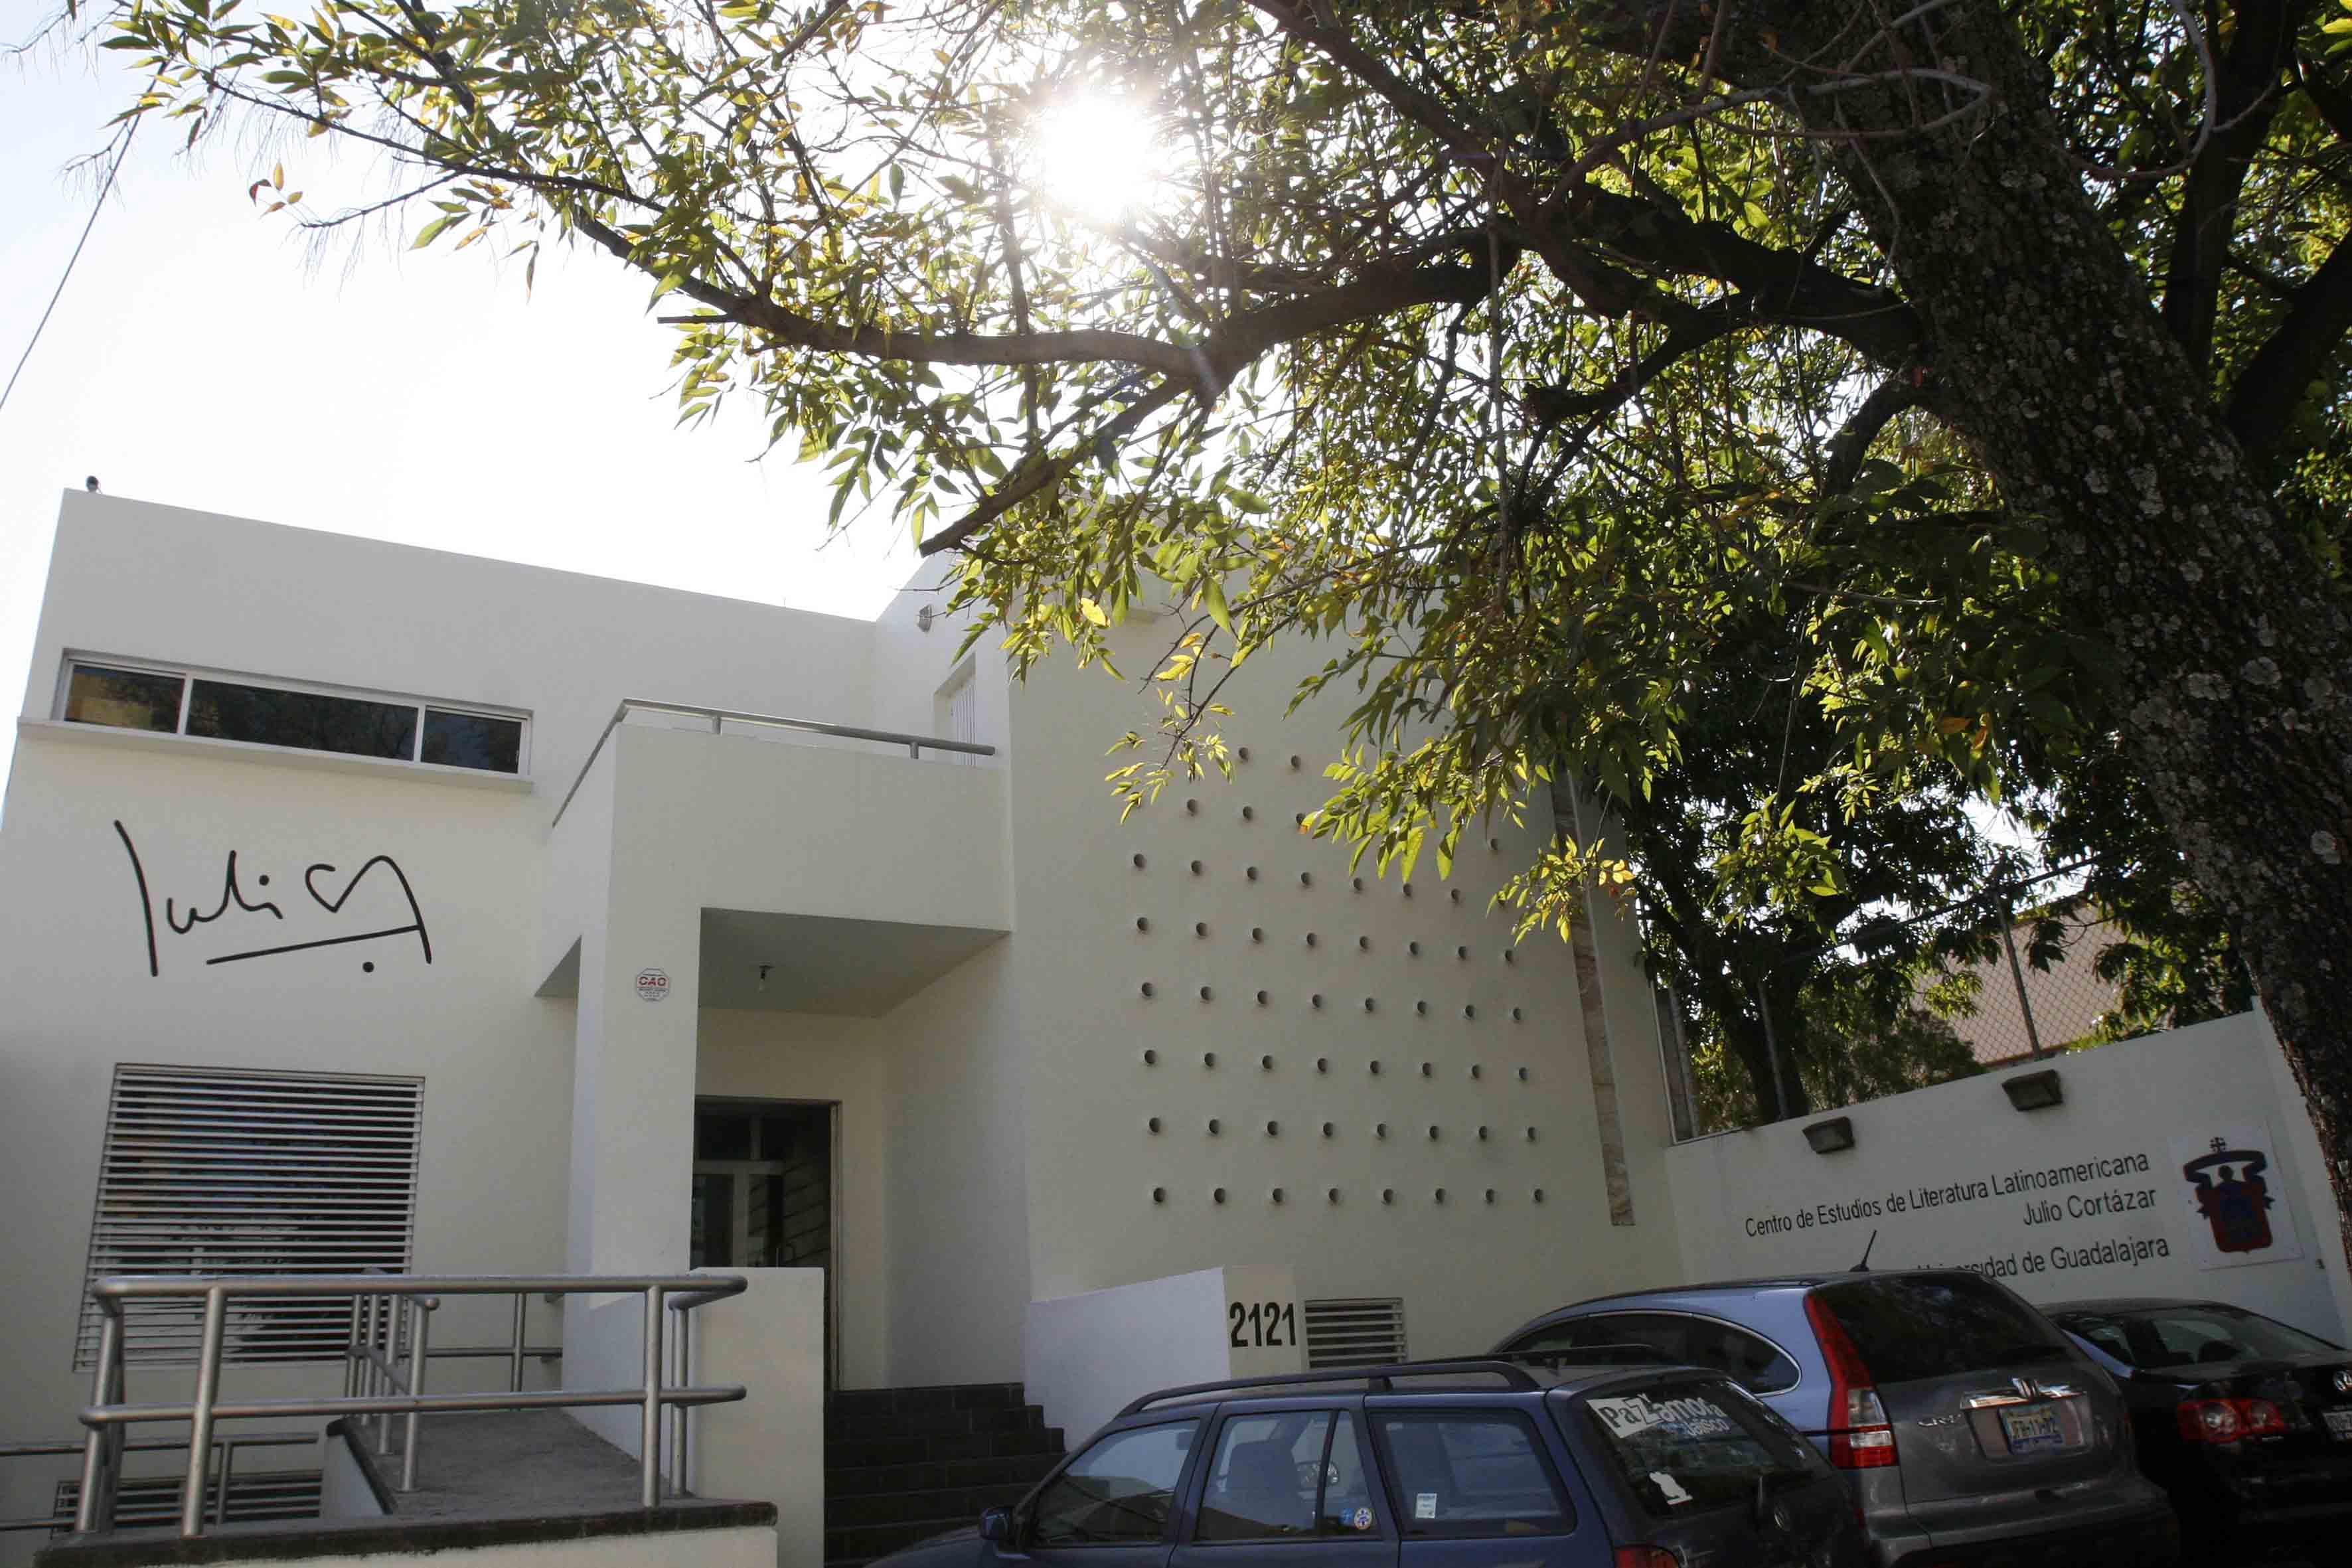 Fachada del Centro de Estudios de Literatura Latinoamericana Julio Cortázar